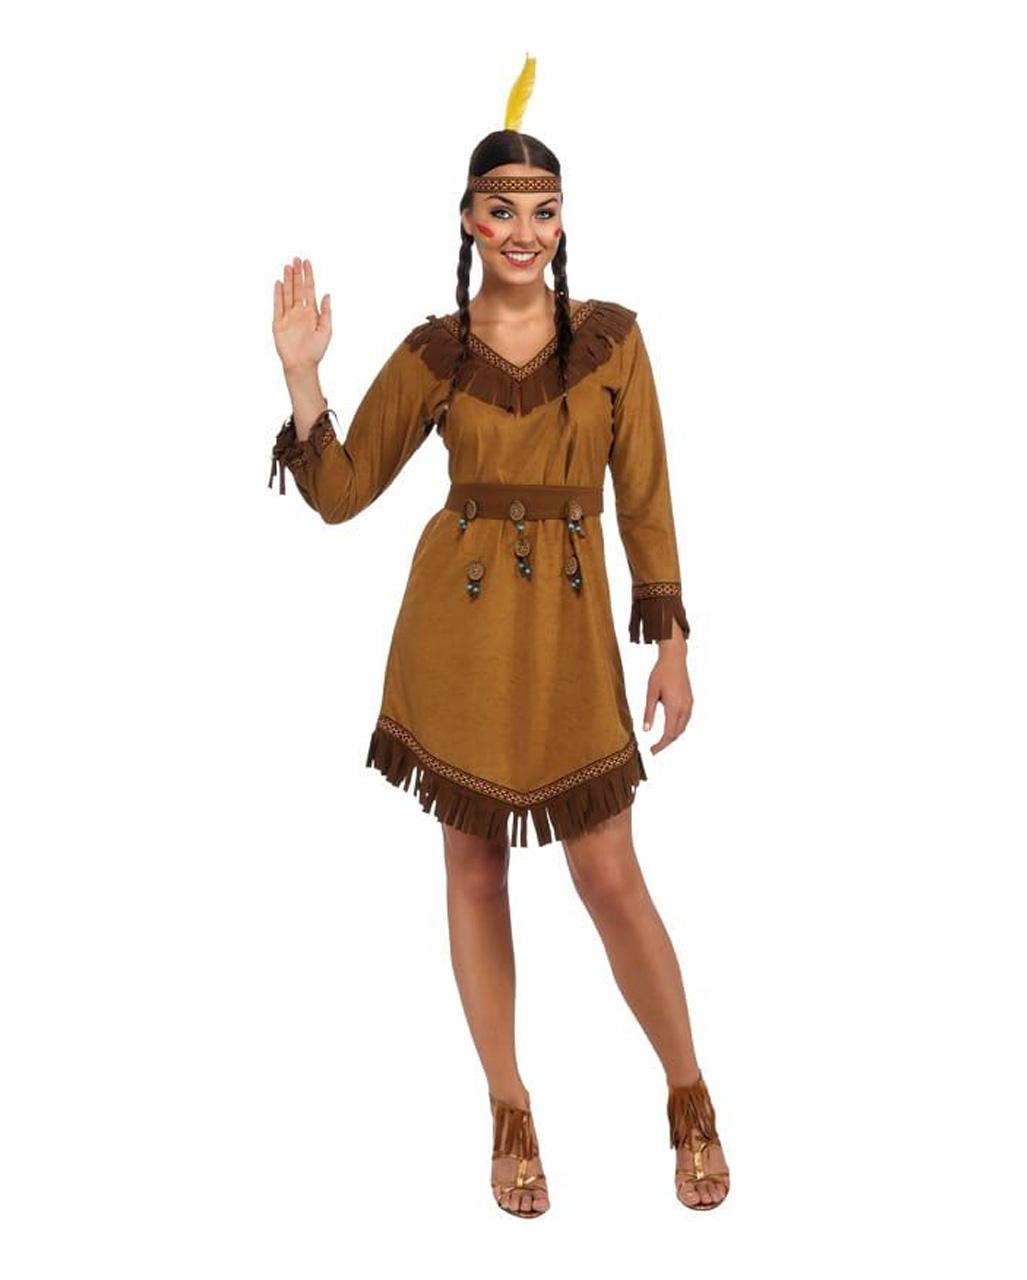 Indianer Kostum Damen Braun Fransen Squaw Indianerin Kleid Karneval